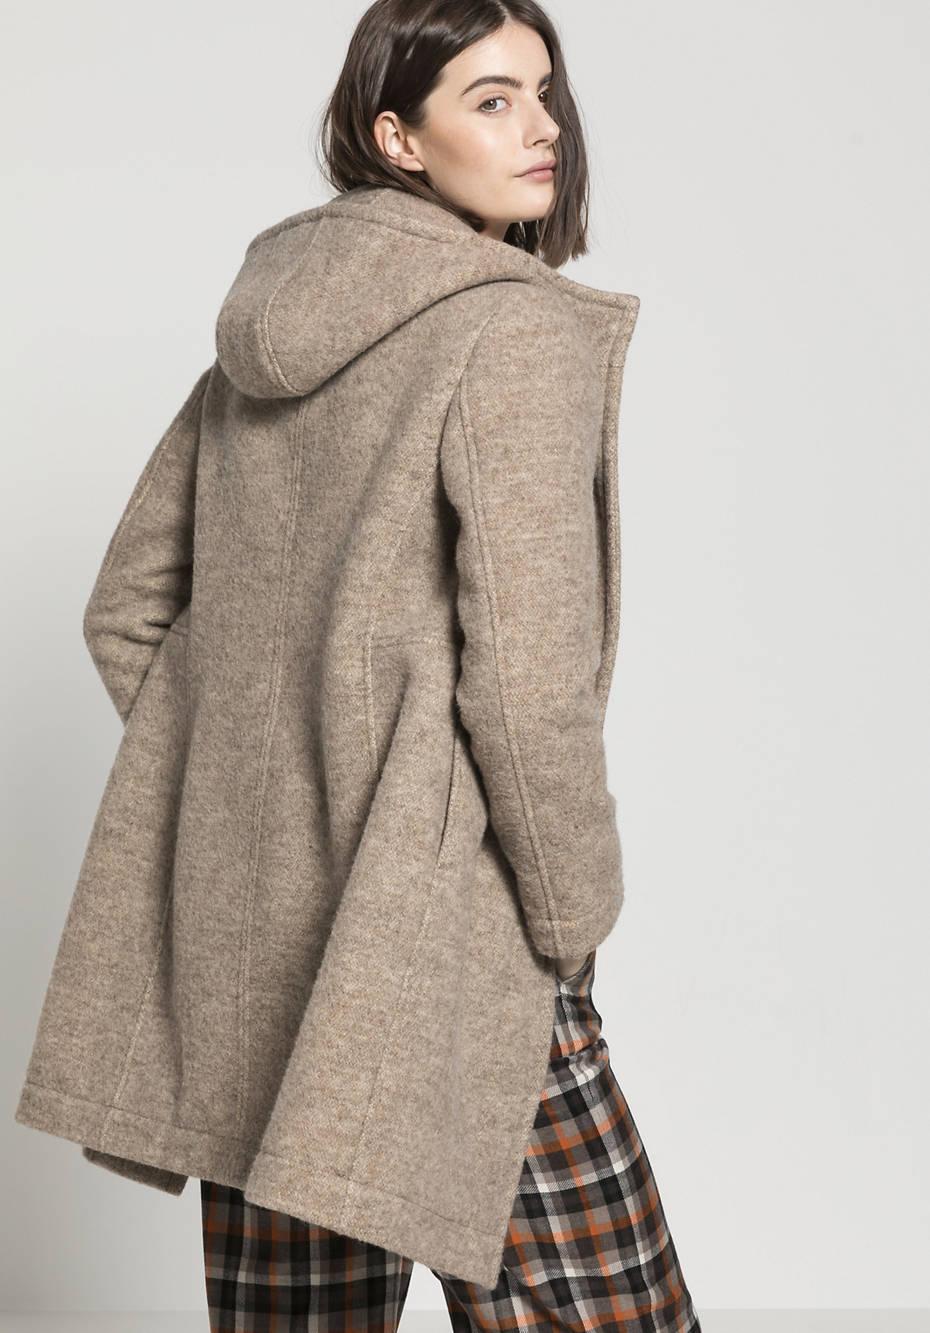 Mantel aus reiner Schurwolle vom Rhönschaf